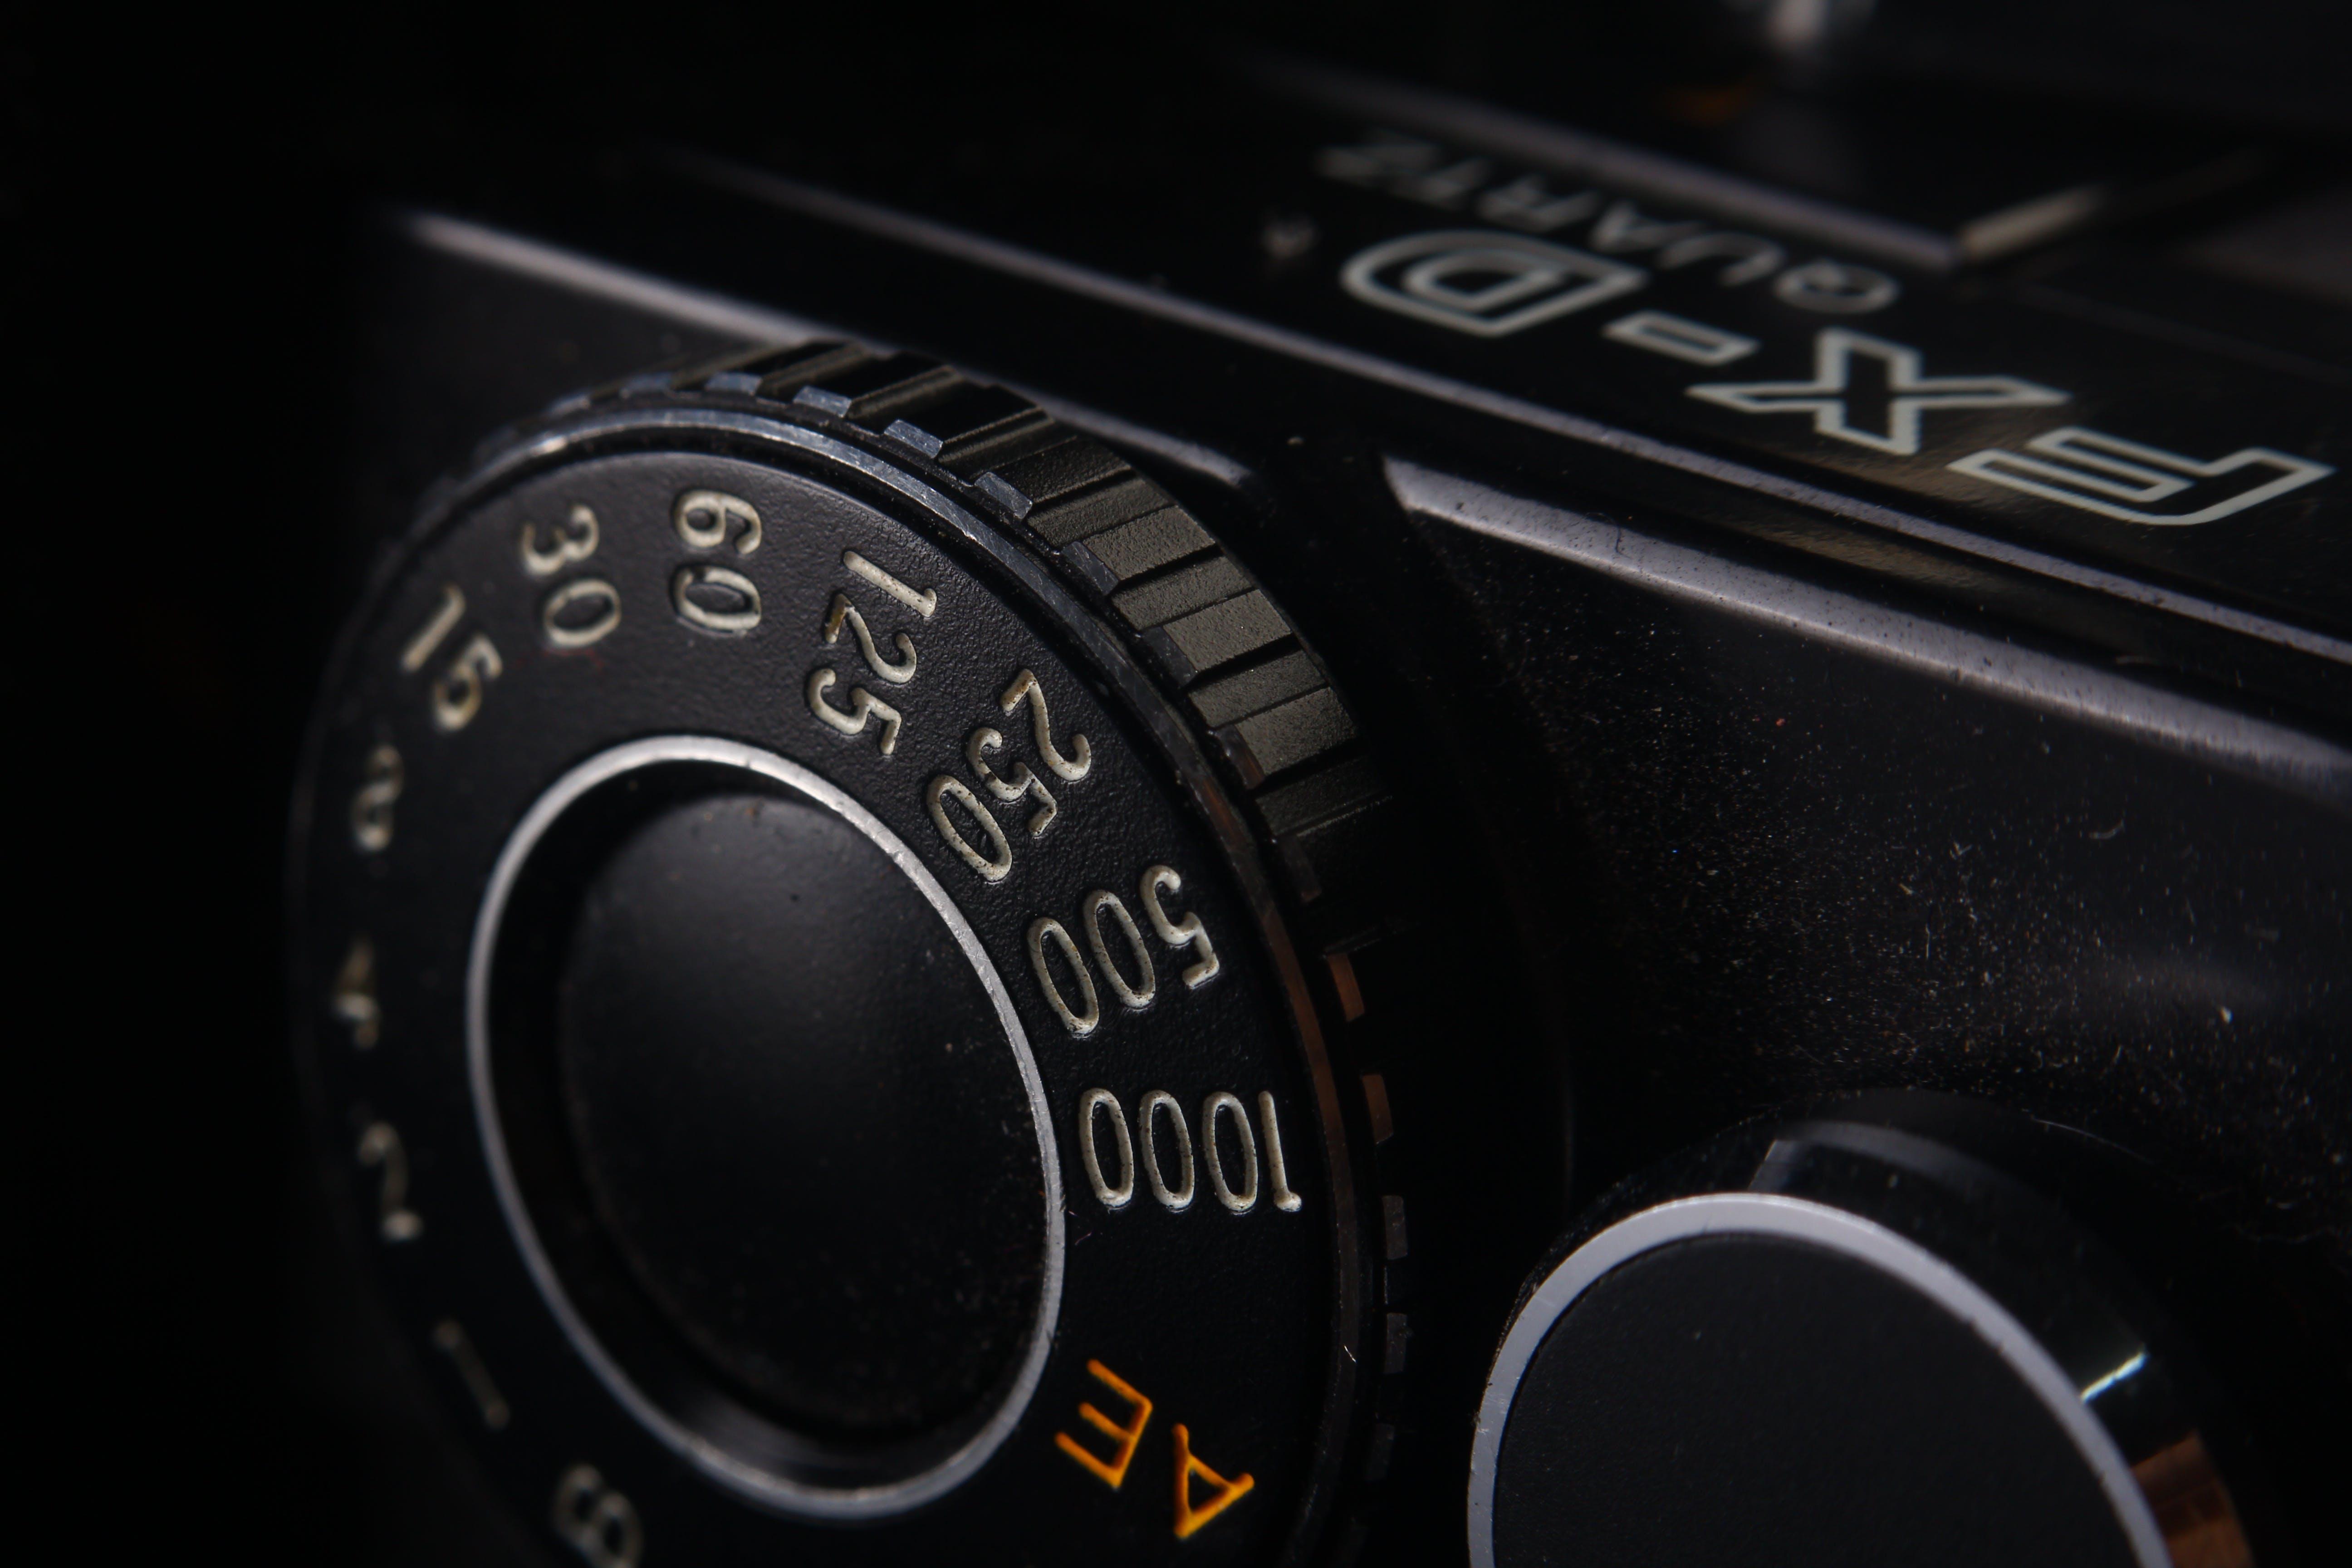 Close-up Photo of Camera Knob